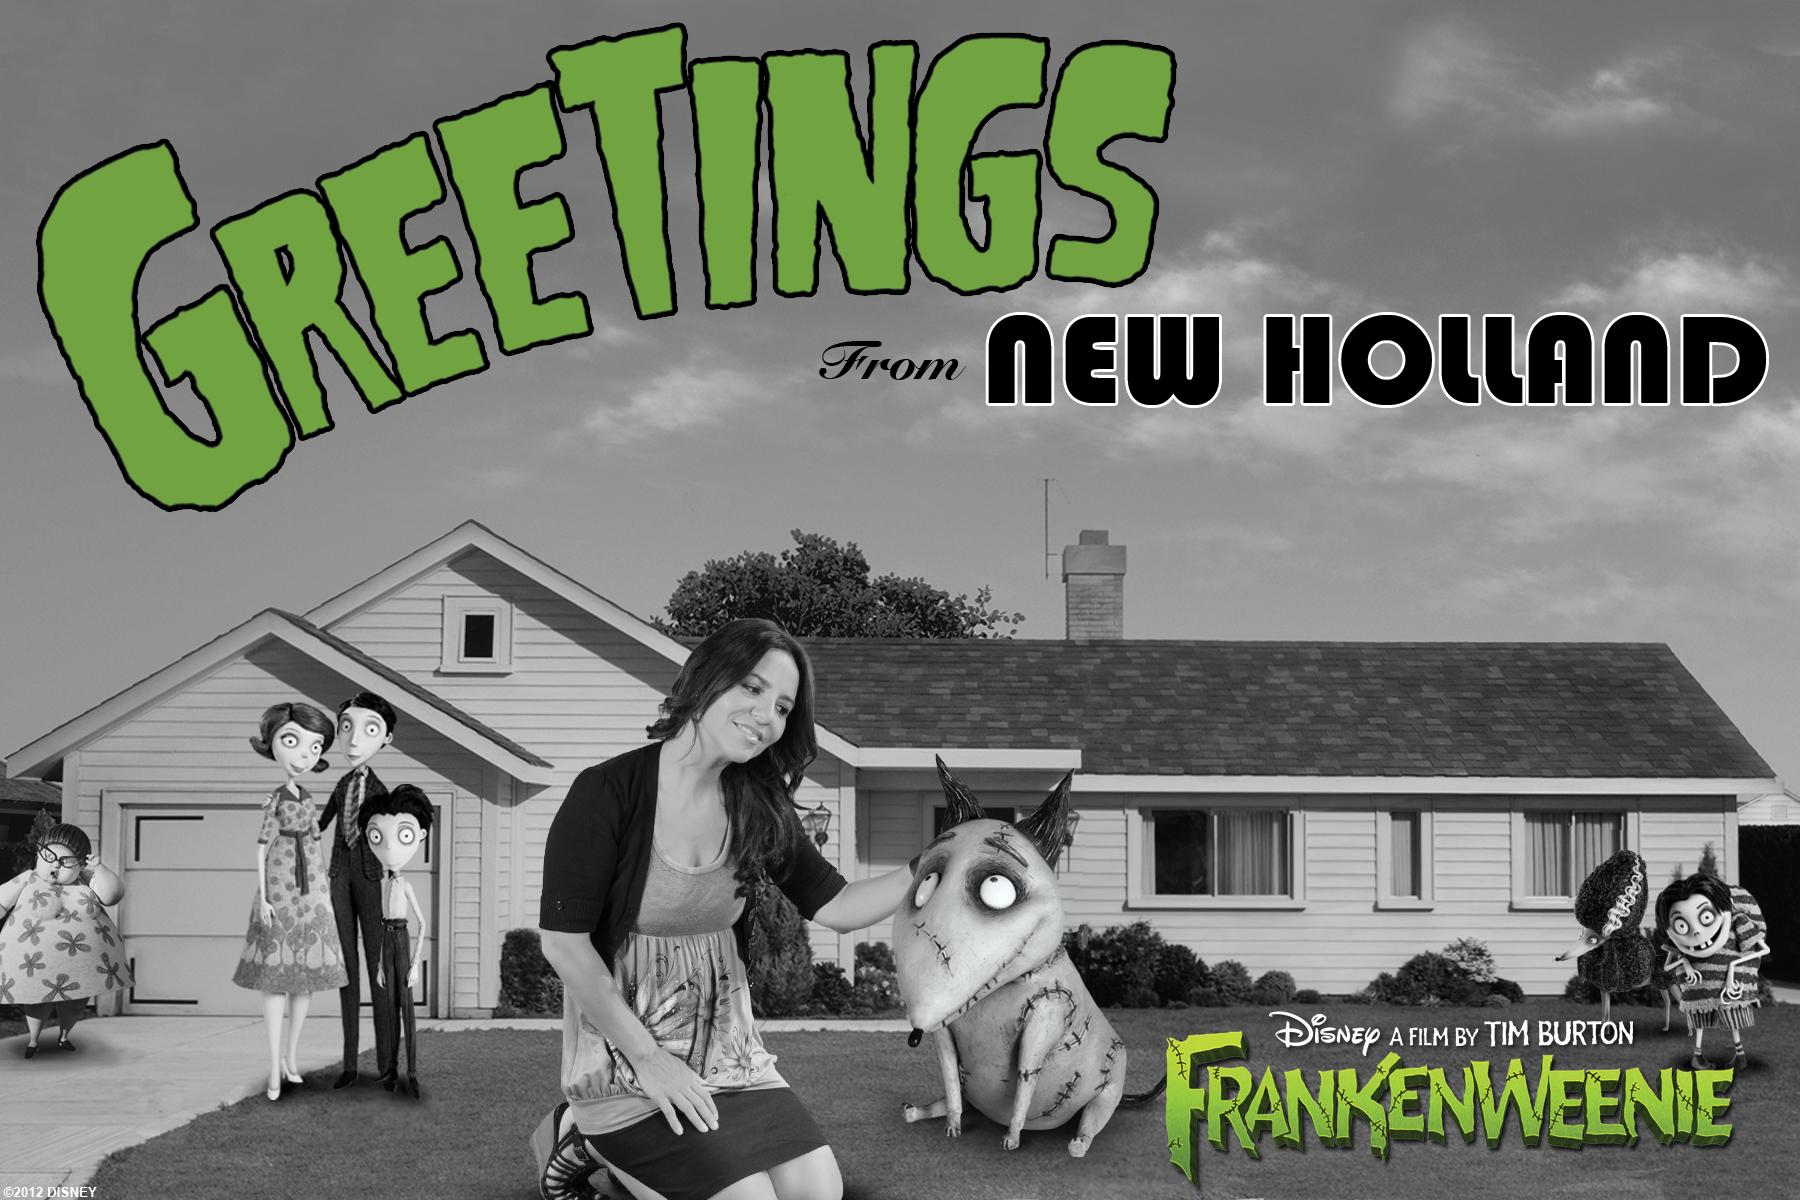 Exhibición que muestra la magia de Frankenweenie, de Tim Burton y de Disney.